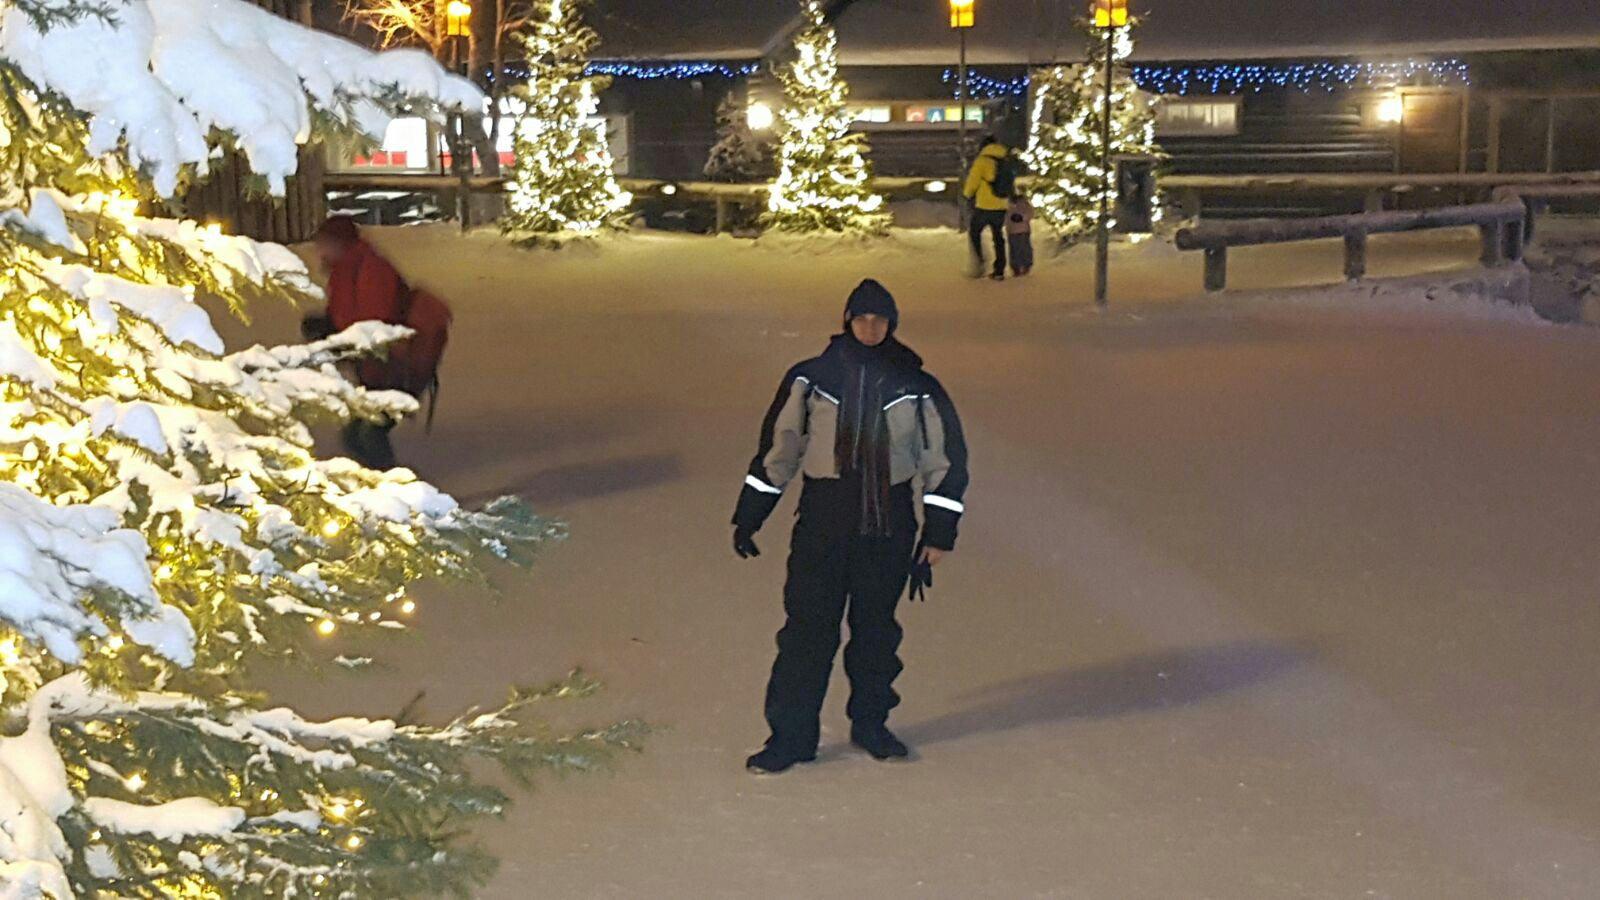 Robert perfectamente equipado para disfrutar de sus vacaciones en Laponia